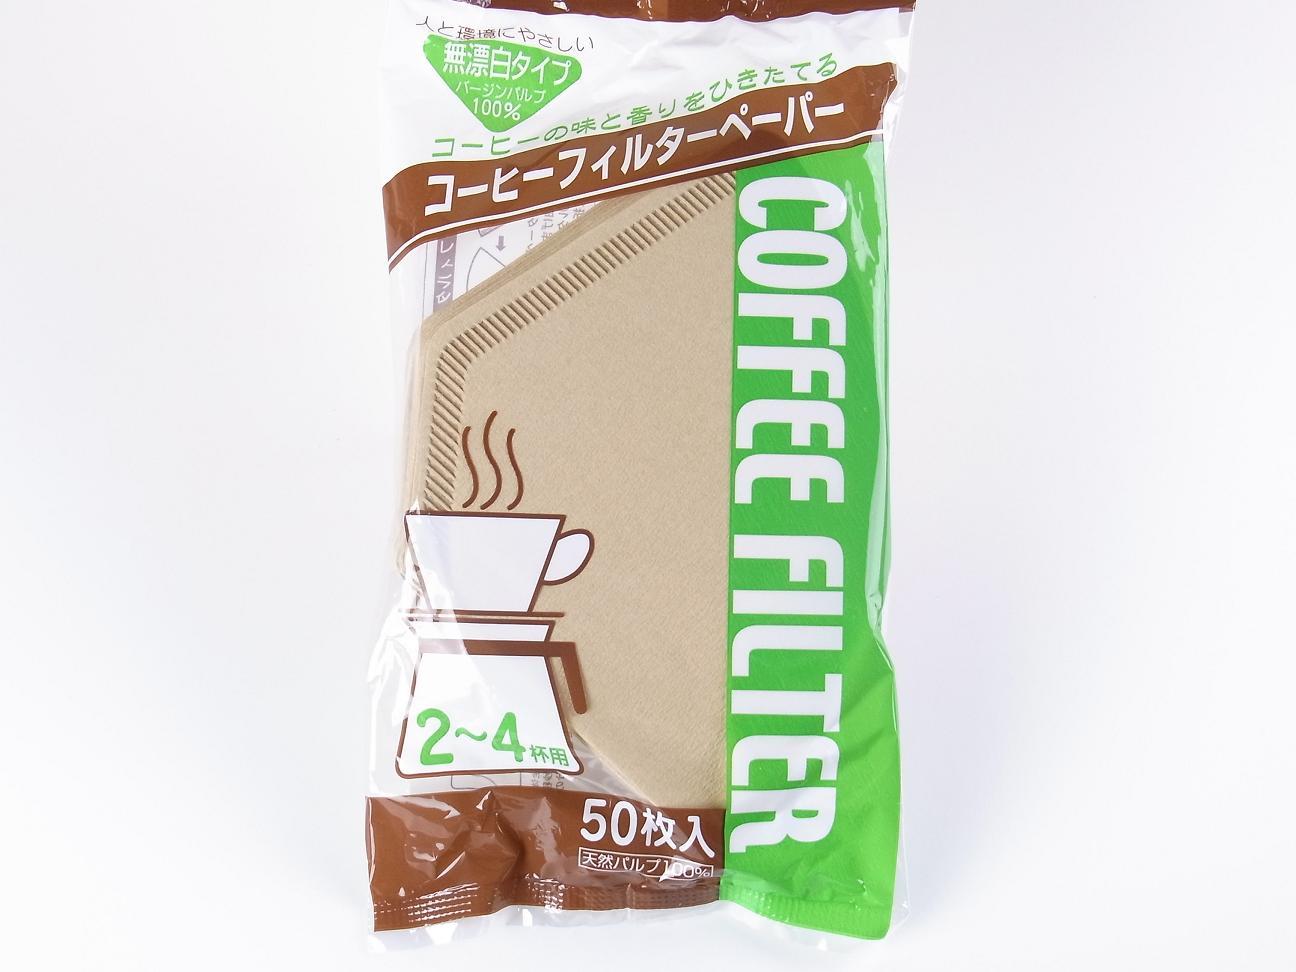 ● コーヒーフィルターL 無漂白 50枚入り 100円均一 100均一 100均 120点セット ☆【万天プラザ 100円ショップ+雑貨】